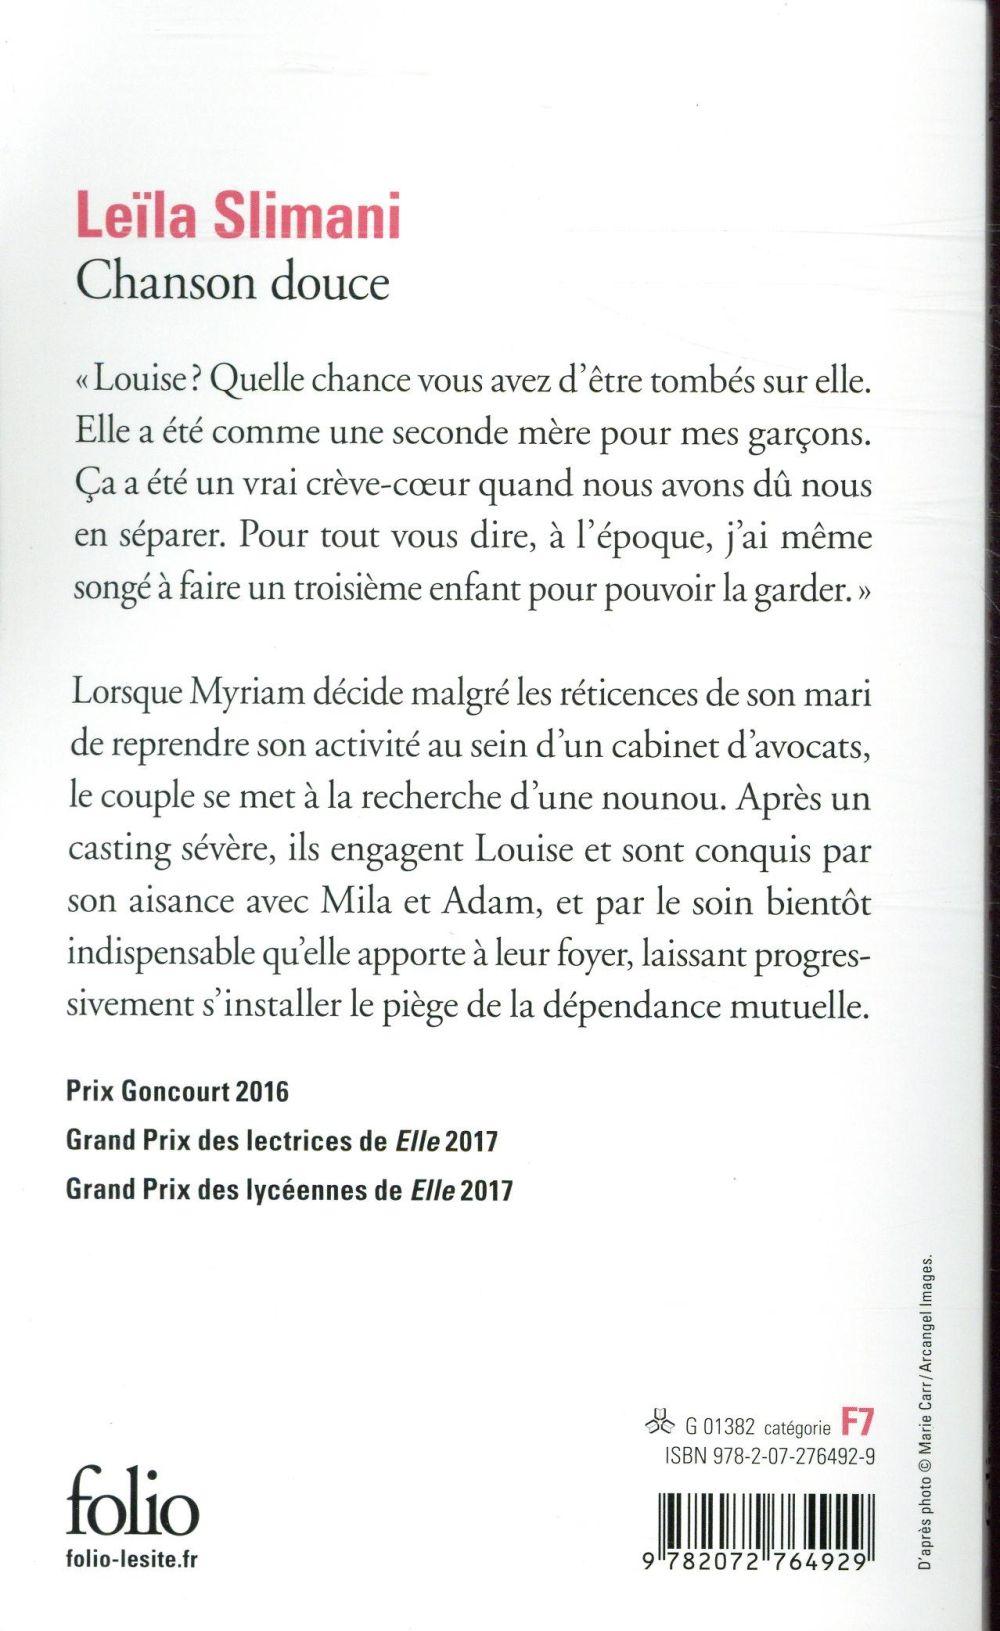 Une Chanson Douce Leila Slimani : chanson, douce, leila, slimani, Chanson, Douce, Leïla, Slimani, Gallimard, Poche, Livre, NANCY